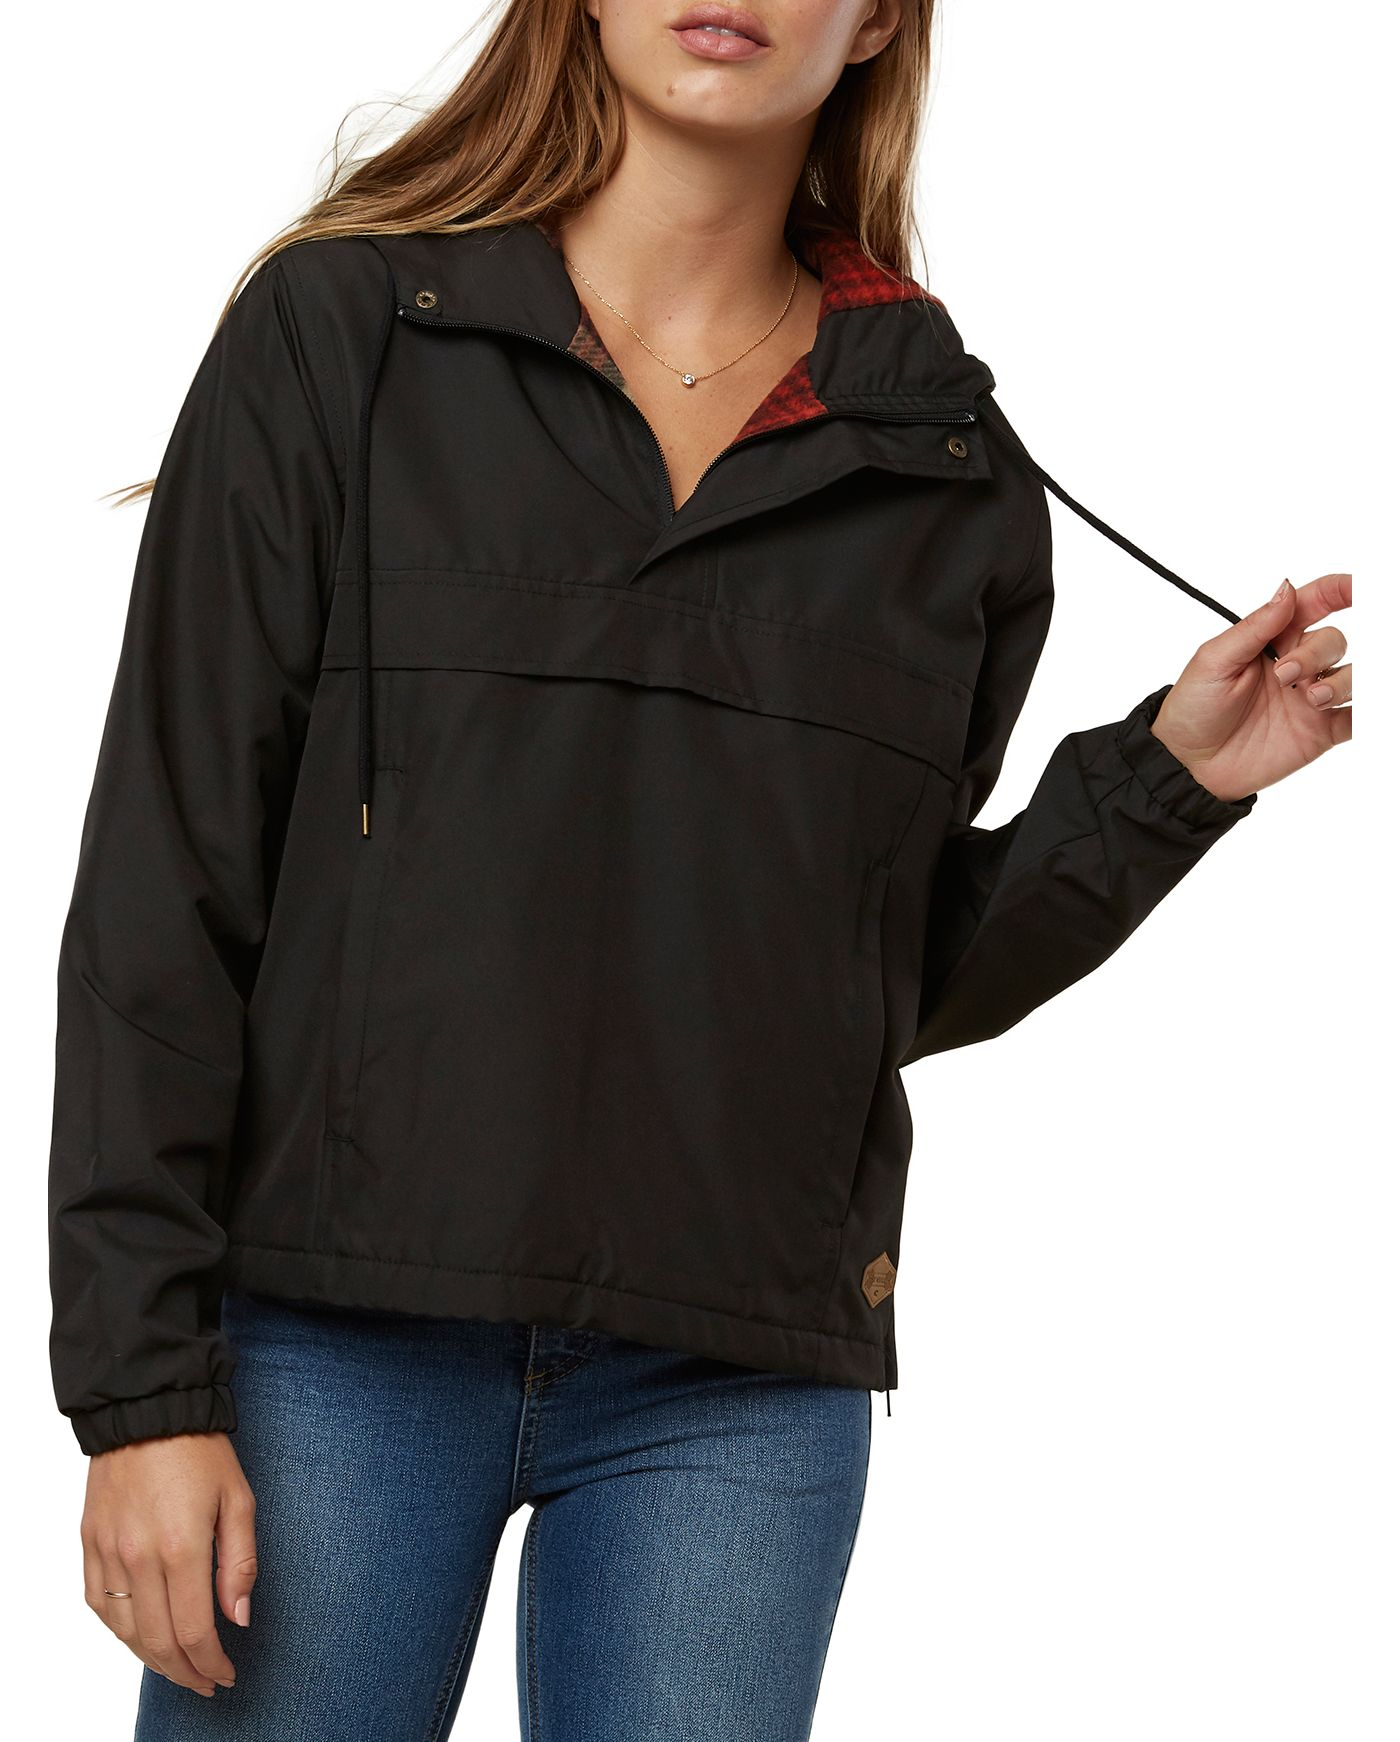 O'Neill Women's Darby Jacket